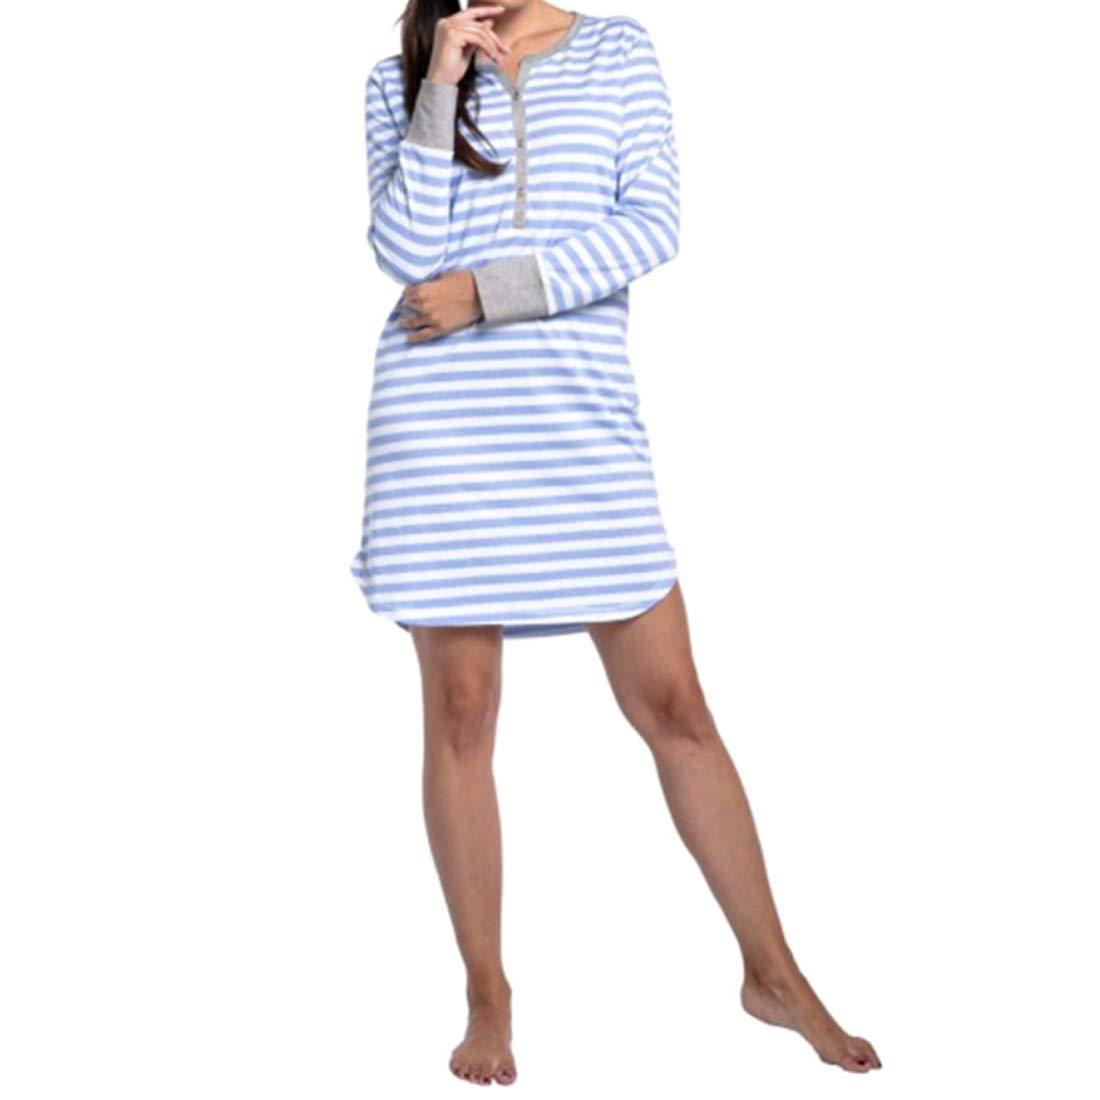 großer Rabatt großer Verkauf klassischer Chic Gestreiftes Stillkleid Der Frauen Stillkleidung Schwangere ...